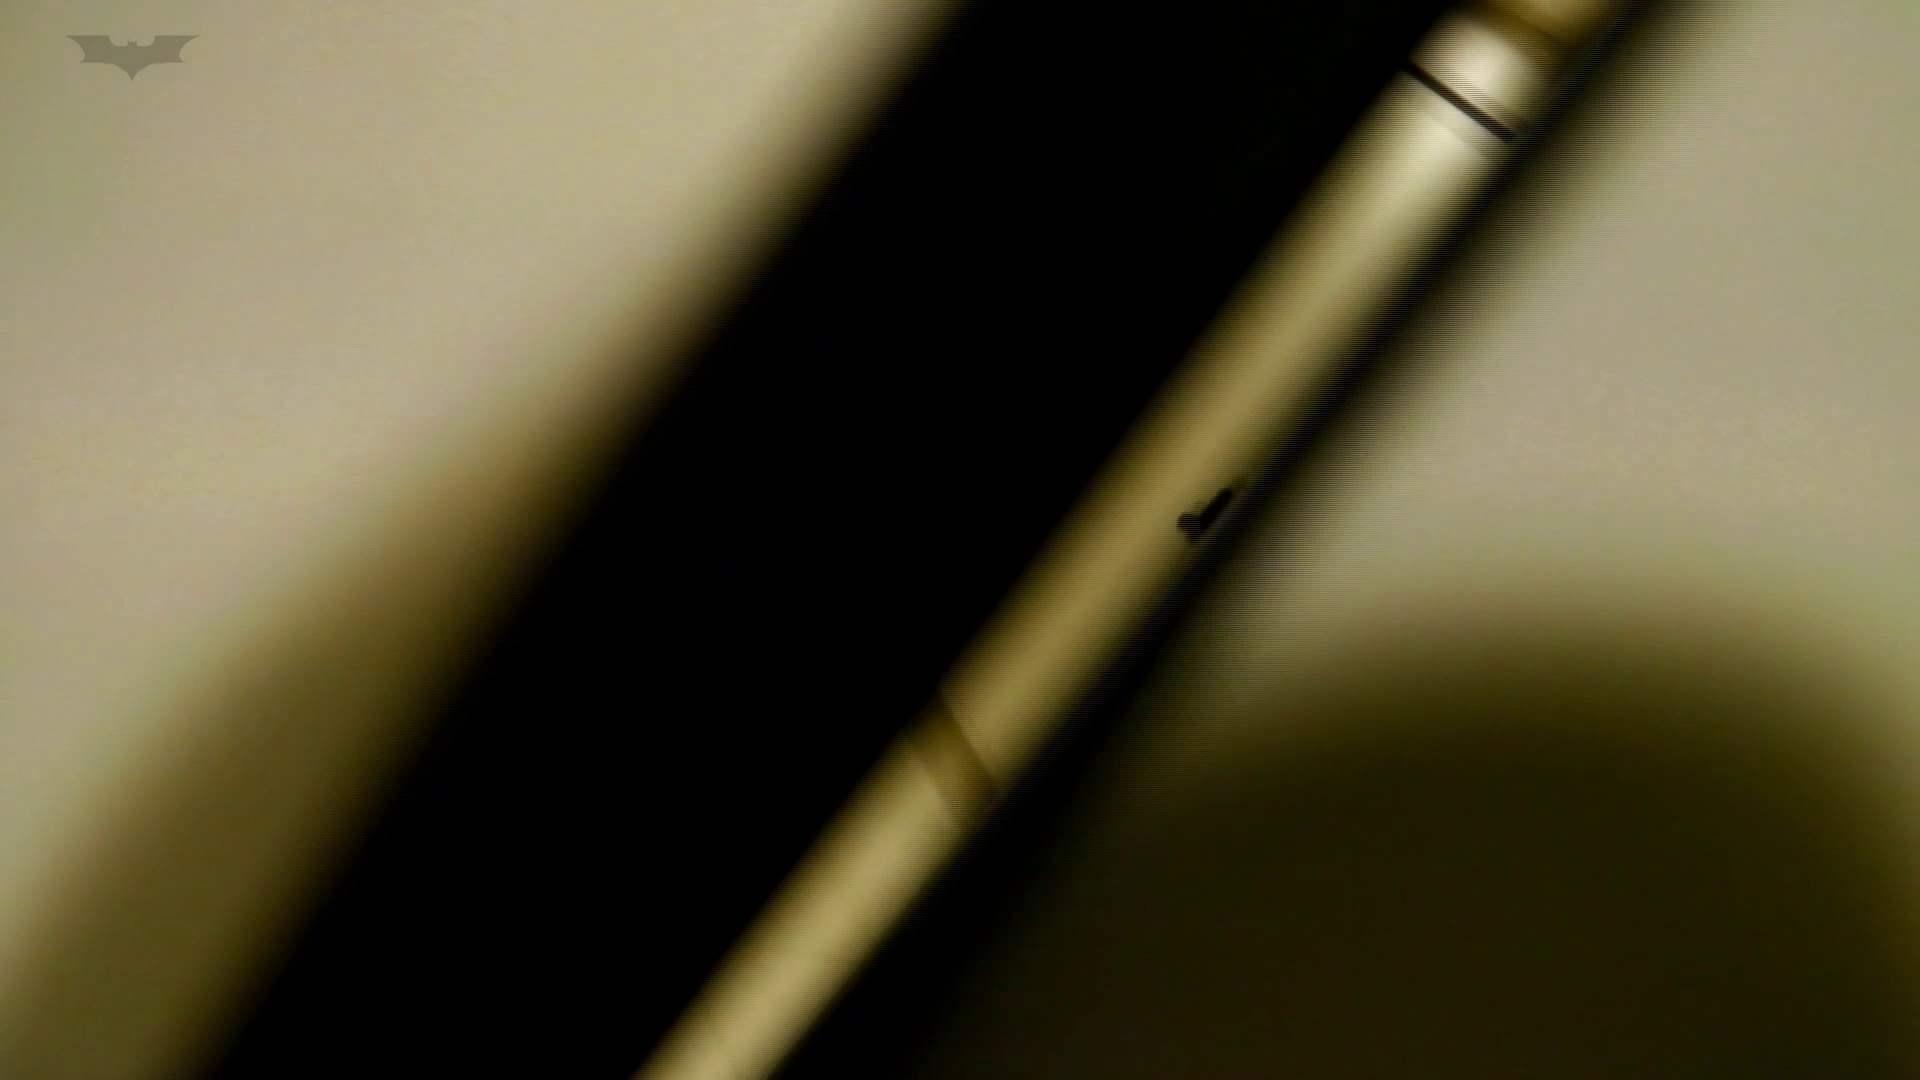 新世界の射窓 No76 久しぶりに見るとやっぱりいい 洗面所 | 0  88PIX 65